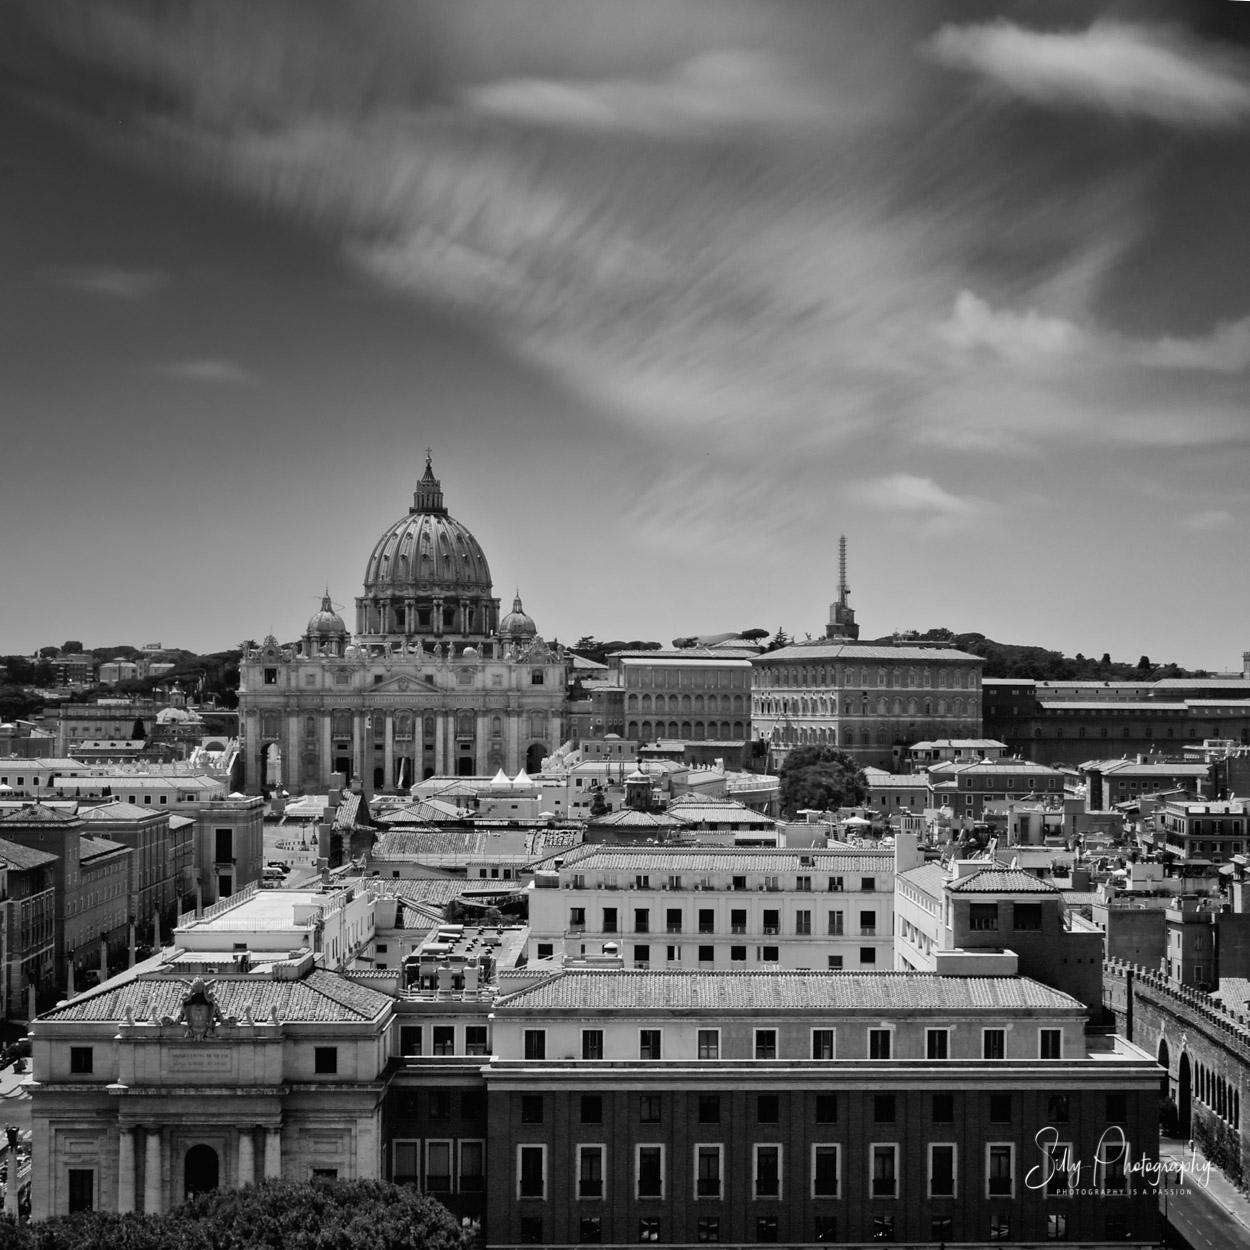 Rom / Petersdom / Vatikanstaat, Blick von der Engelsburg, Langzeitbelichtung, 2014, © Silly Photography